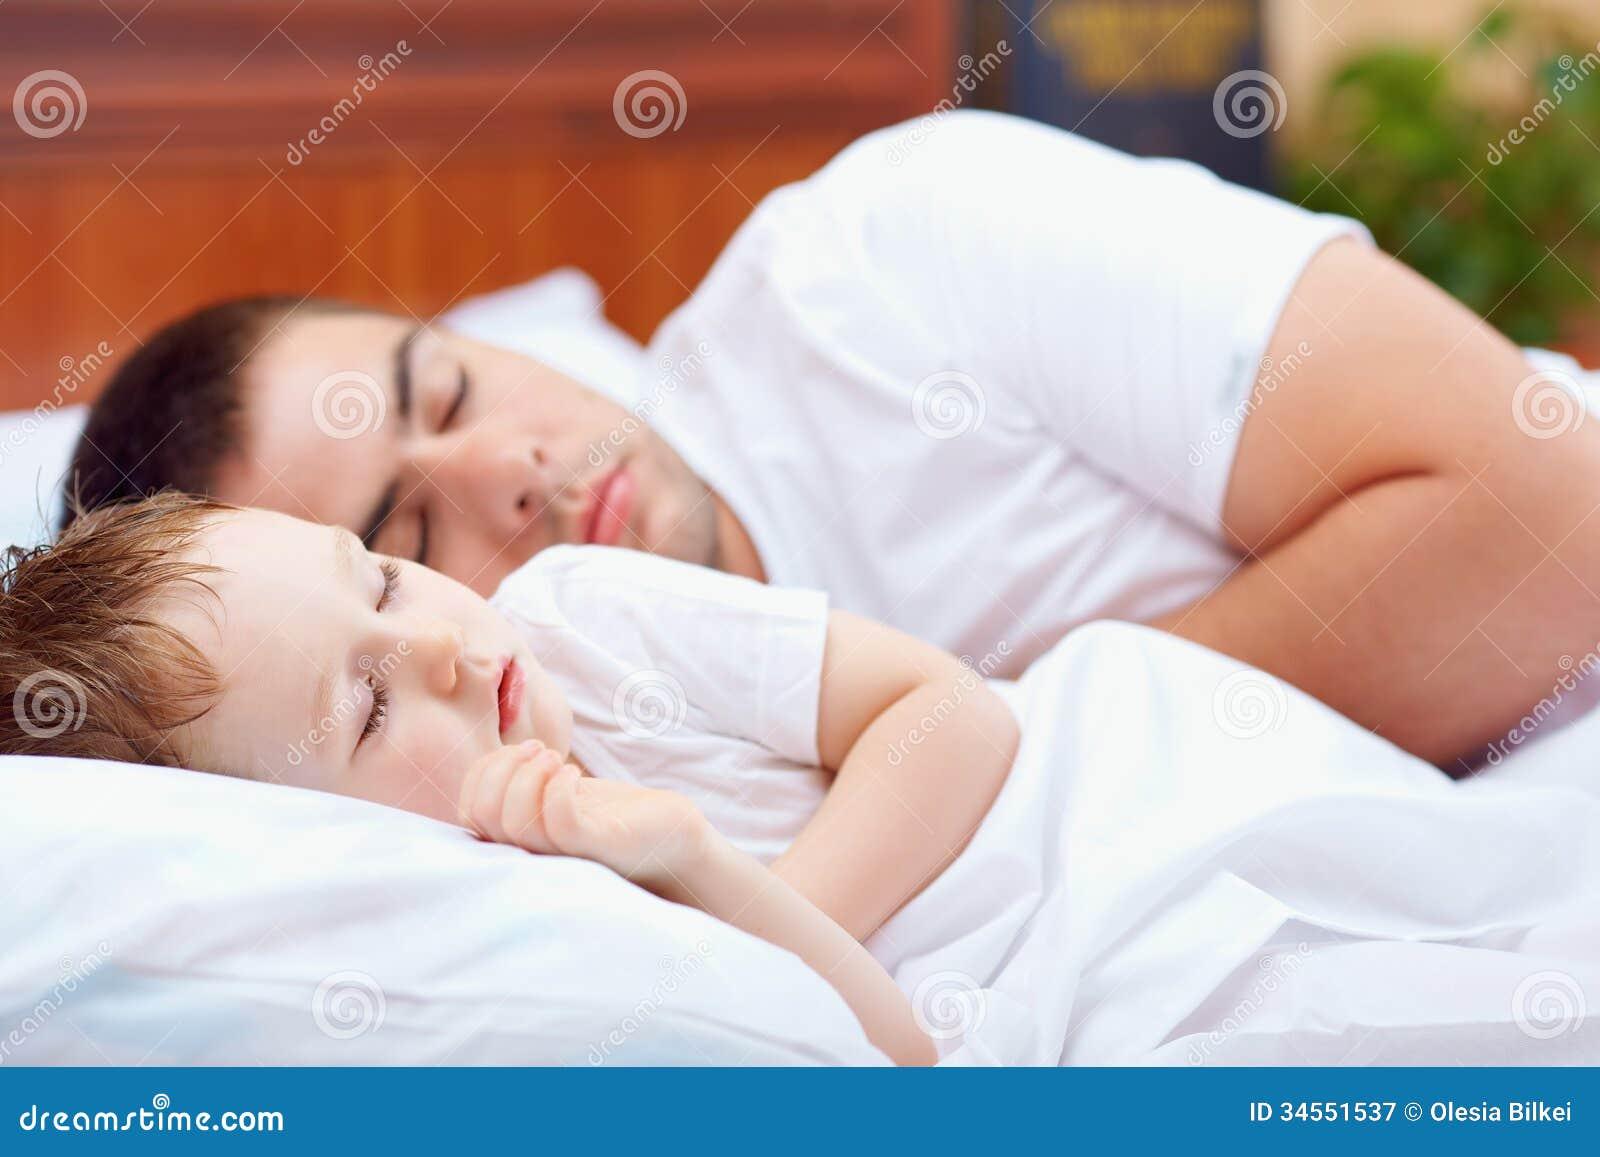 Спящая и сын 4 фотография